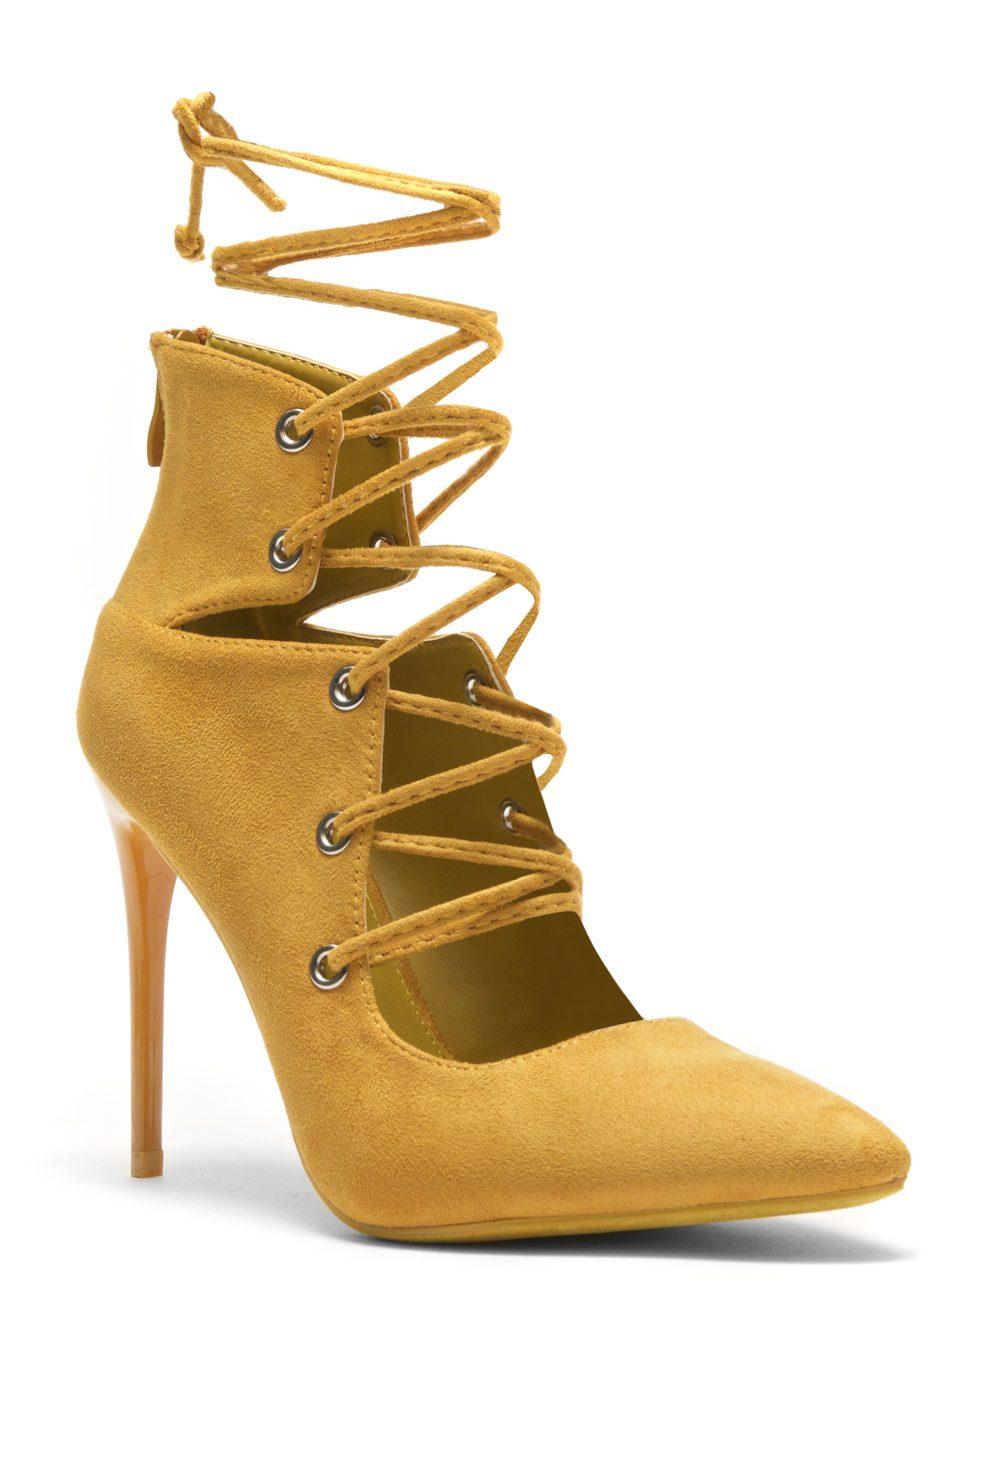 Shoelands Pumps Shoes